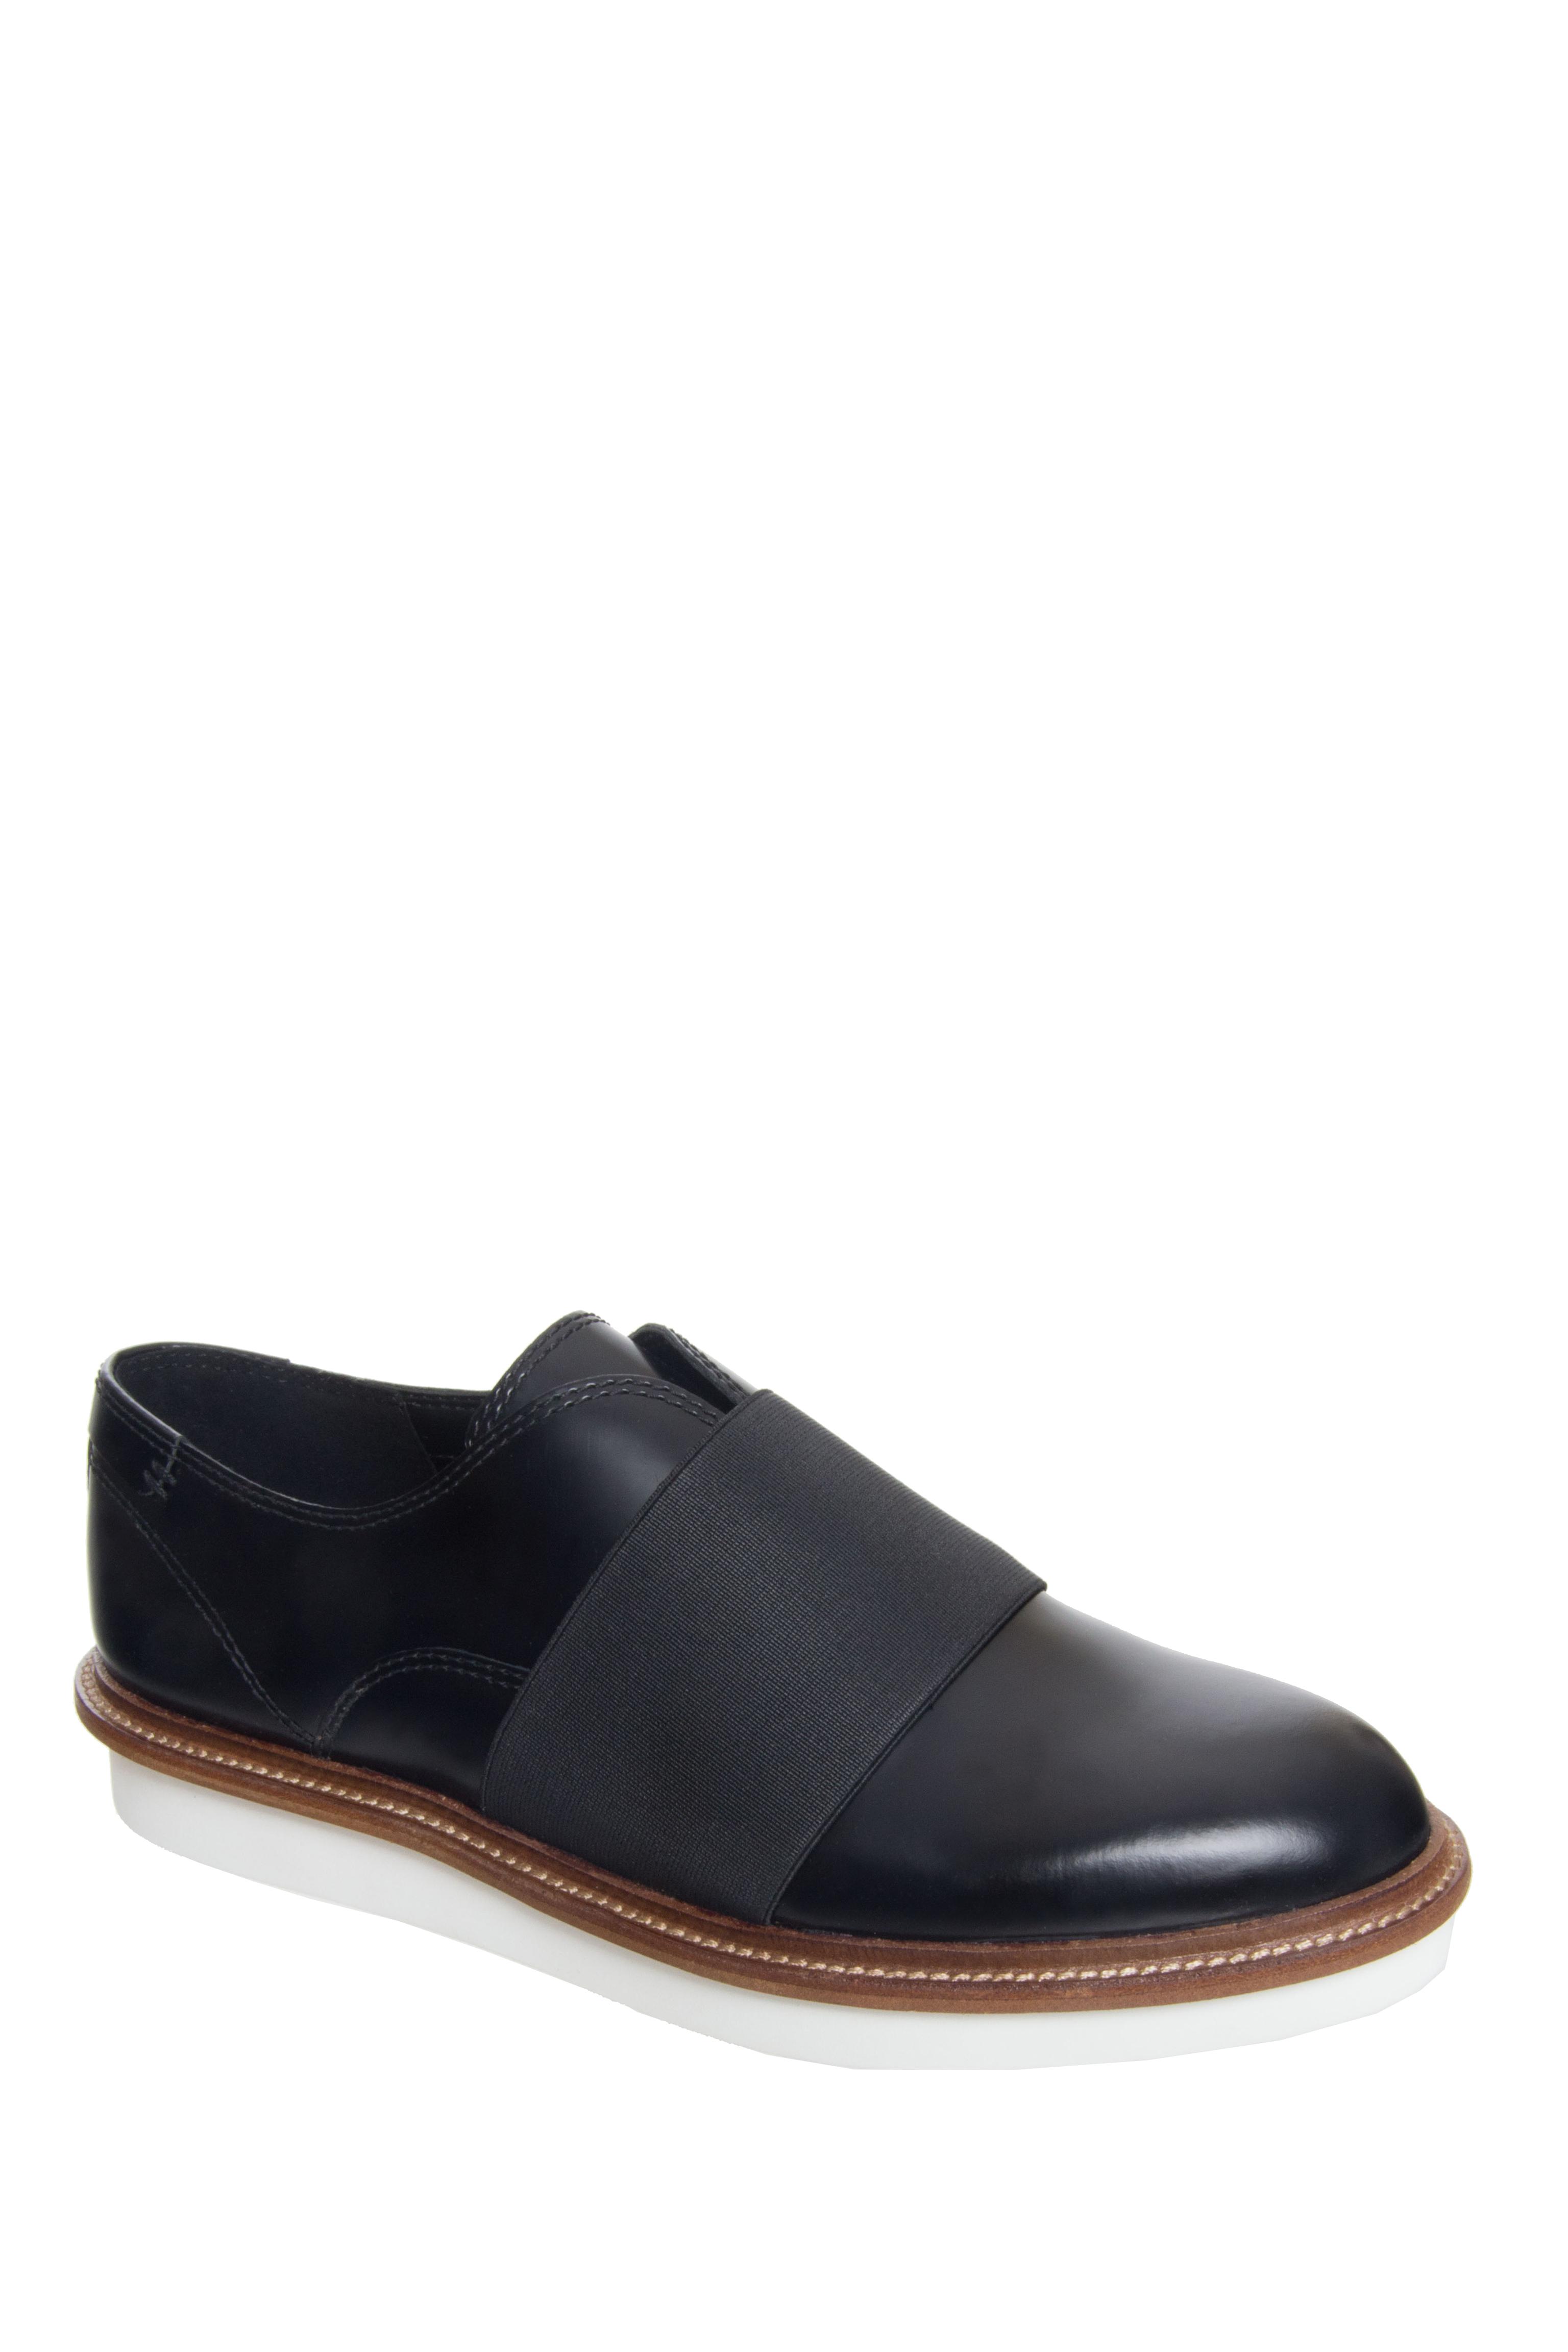 Dolce Vita Saxon Low Platform Flats - Black